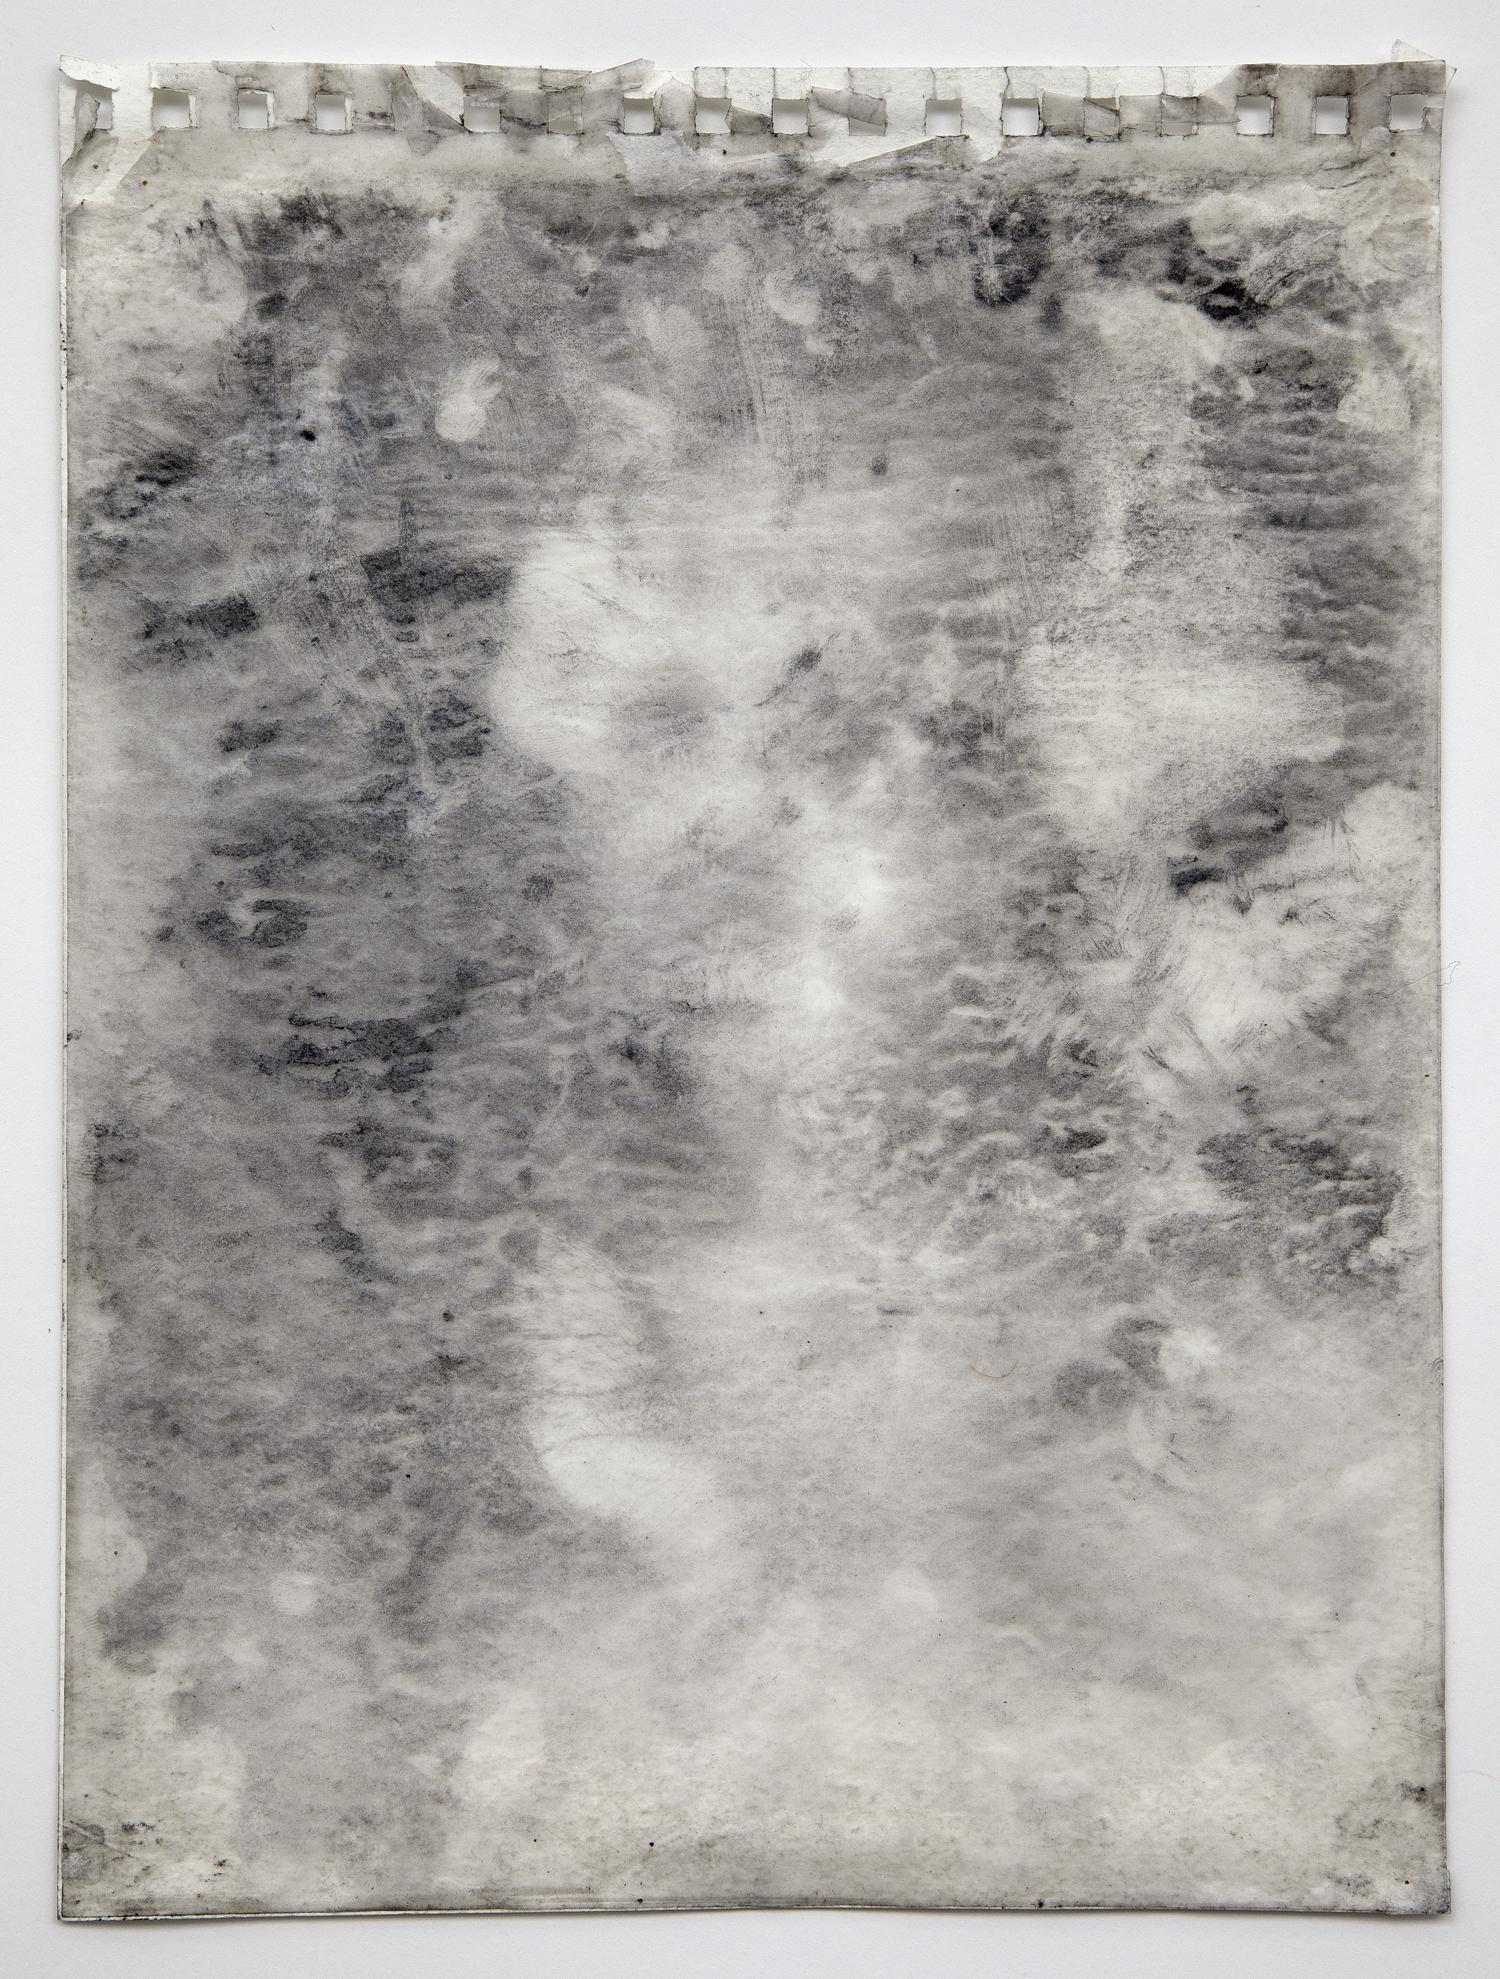 Interleaf Drawing (after Goya), 2012